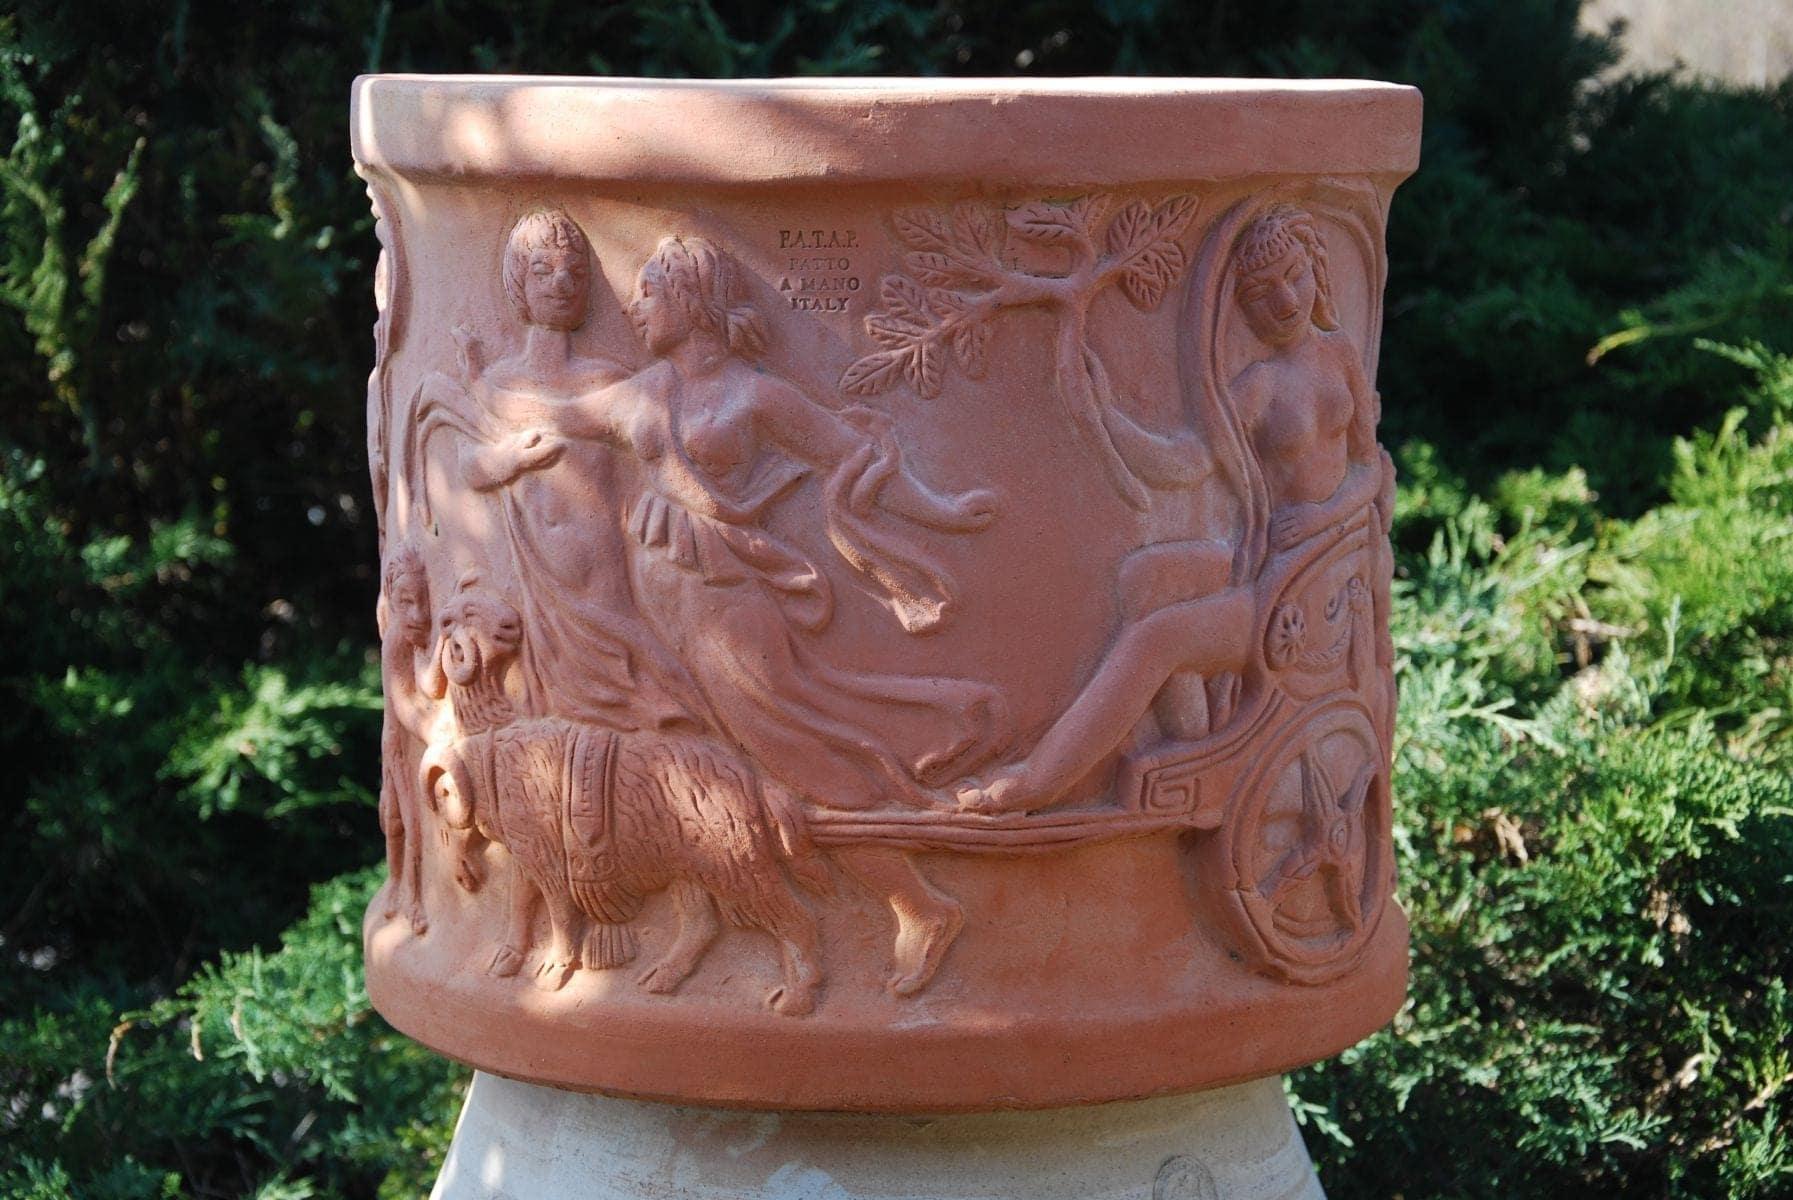 Carelli handgjorda terracottakrukor och utekrukor för medelhavsmiljö och Orangeri